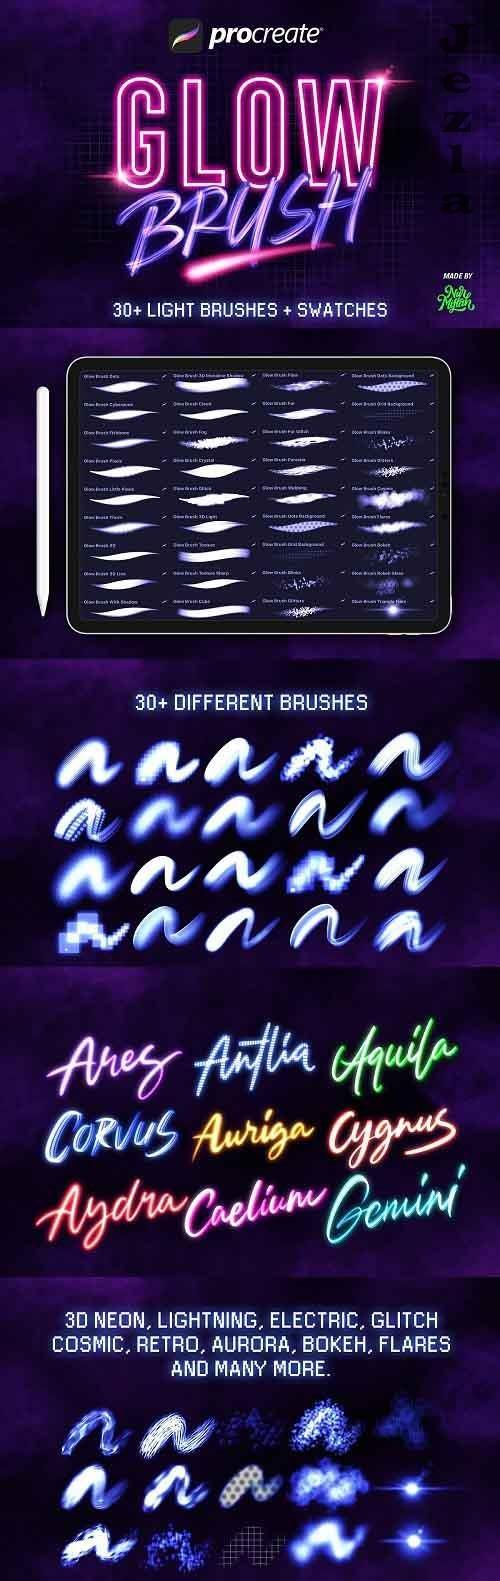 30+ Procreate Glow Brushes - 5386220